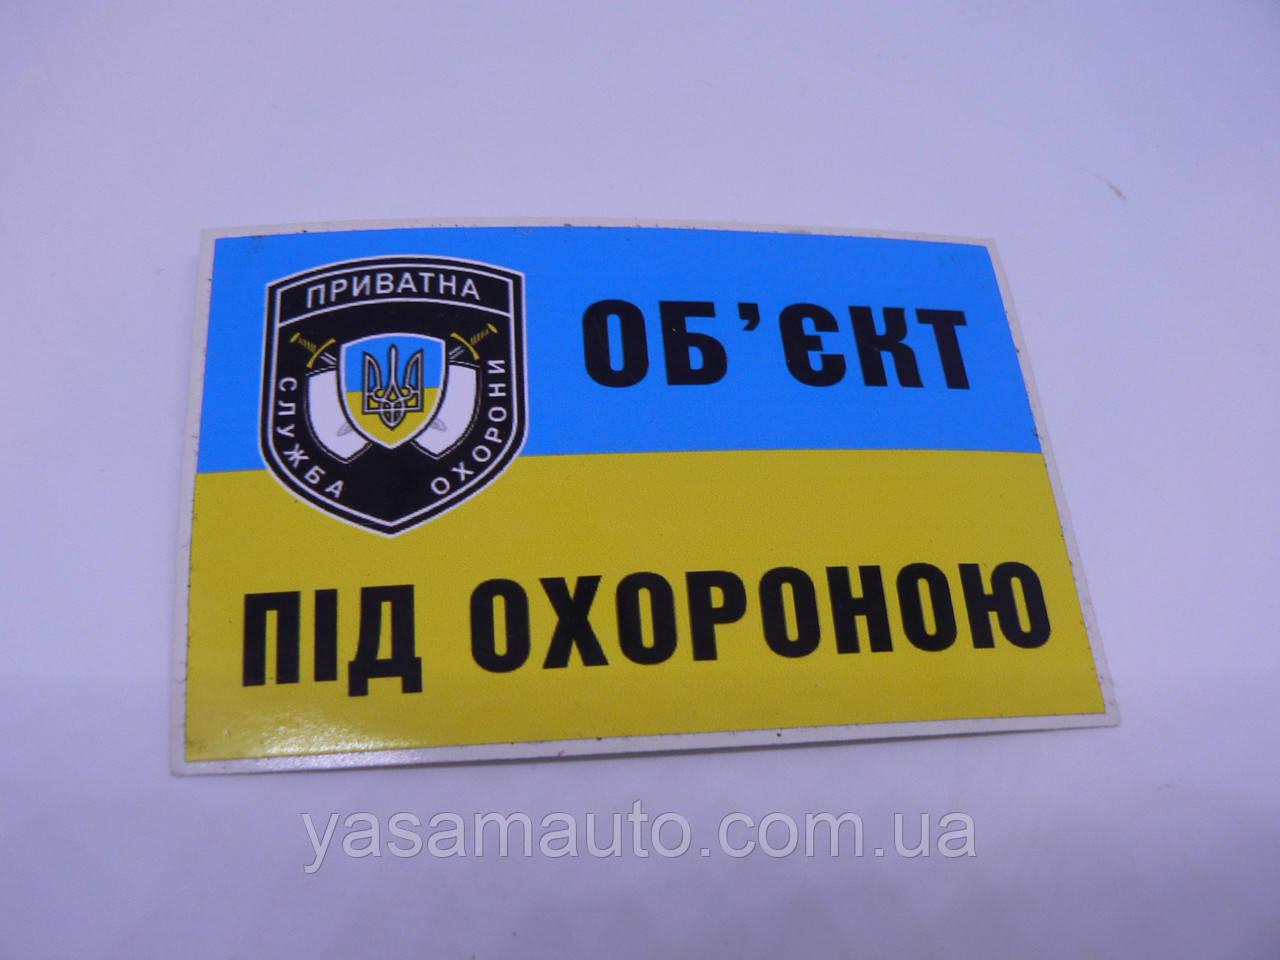 Наклейка п4 ОБ'ЄКТ ПІД ОХОРОНОЮ 78х55мм под охраной охрана Приватна служба охорони на авто маленькая